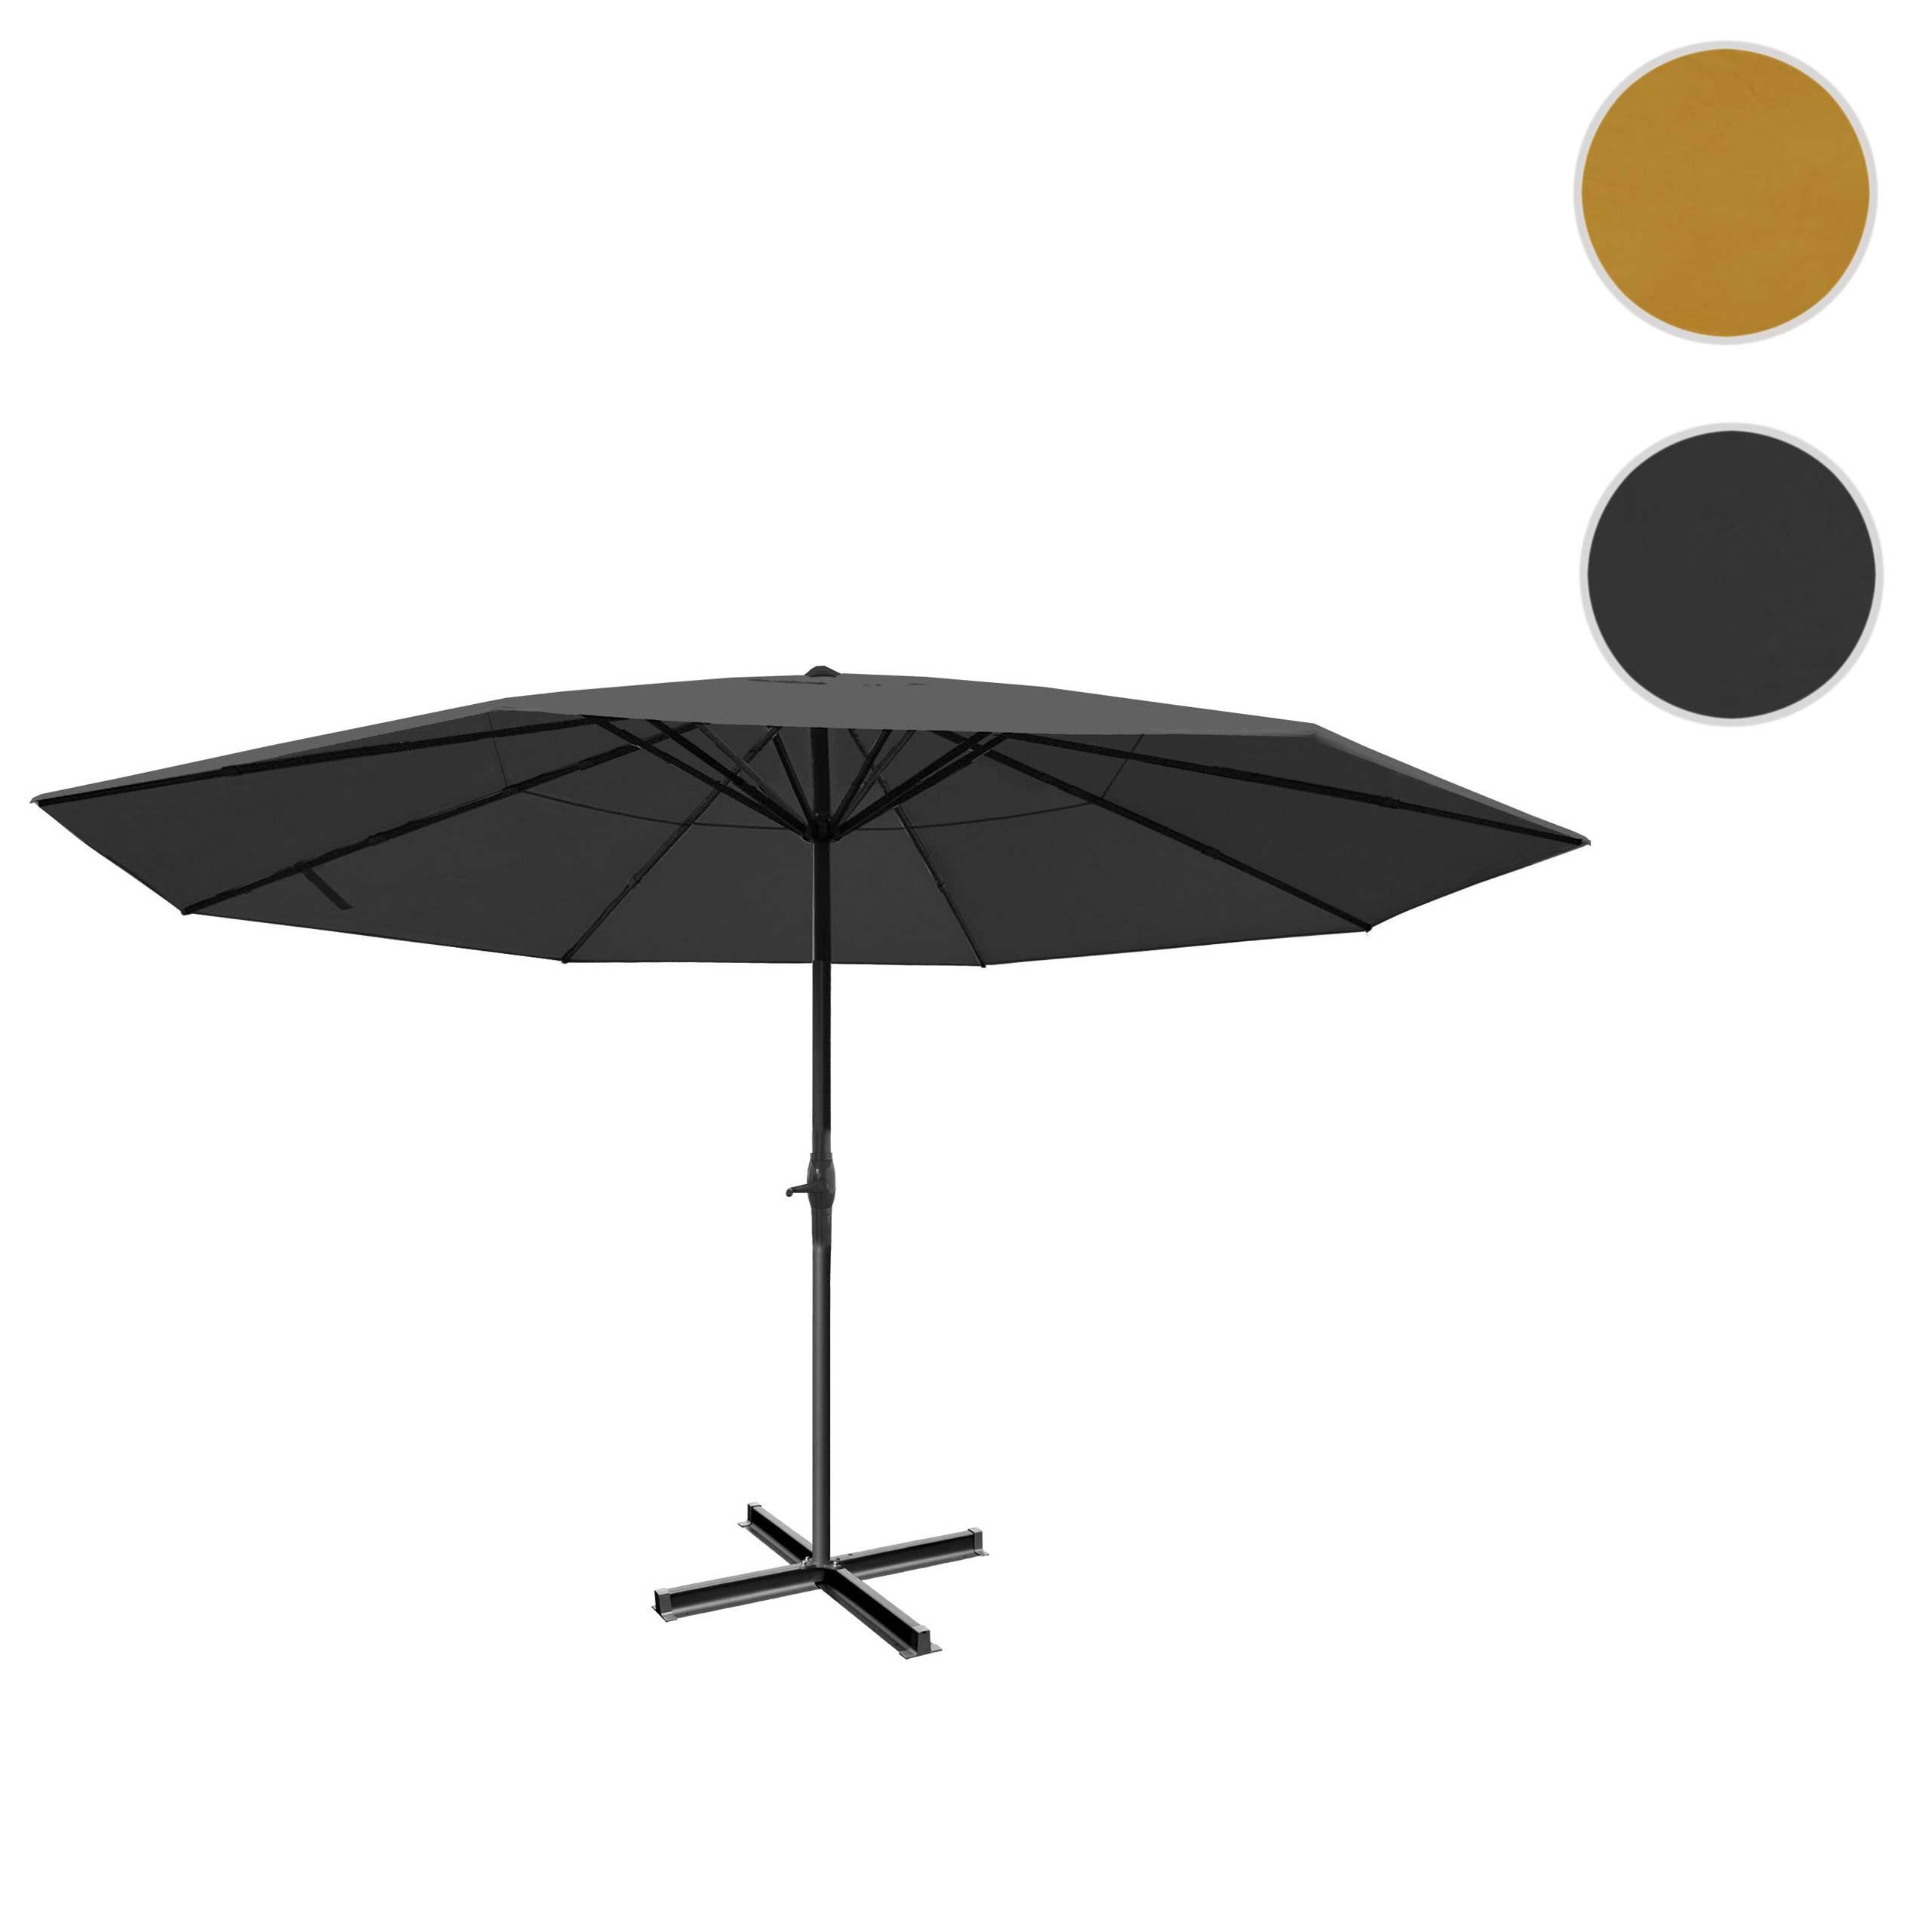 Mendler Sonnenschirm Meran Pro, Gastronomie Marktschirm ohne Volant Ř 5m Polyester/Alu 28kg ~ Variantenangeb 34348